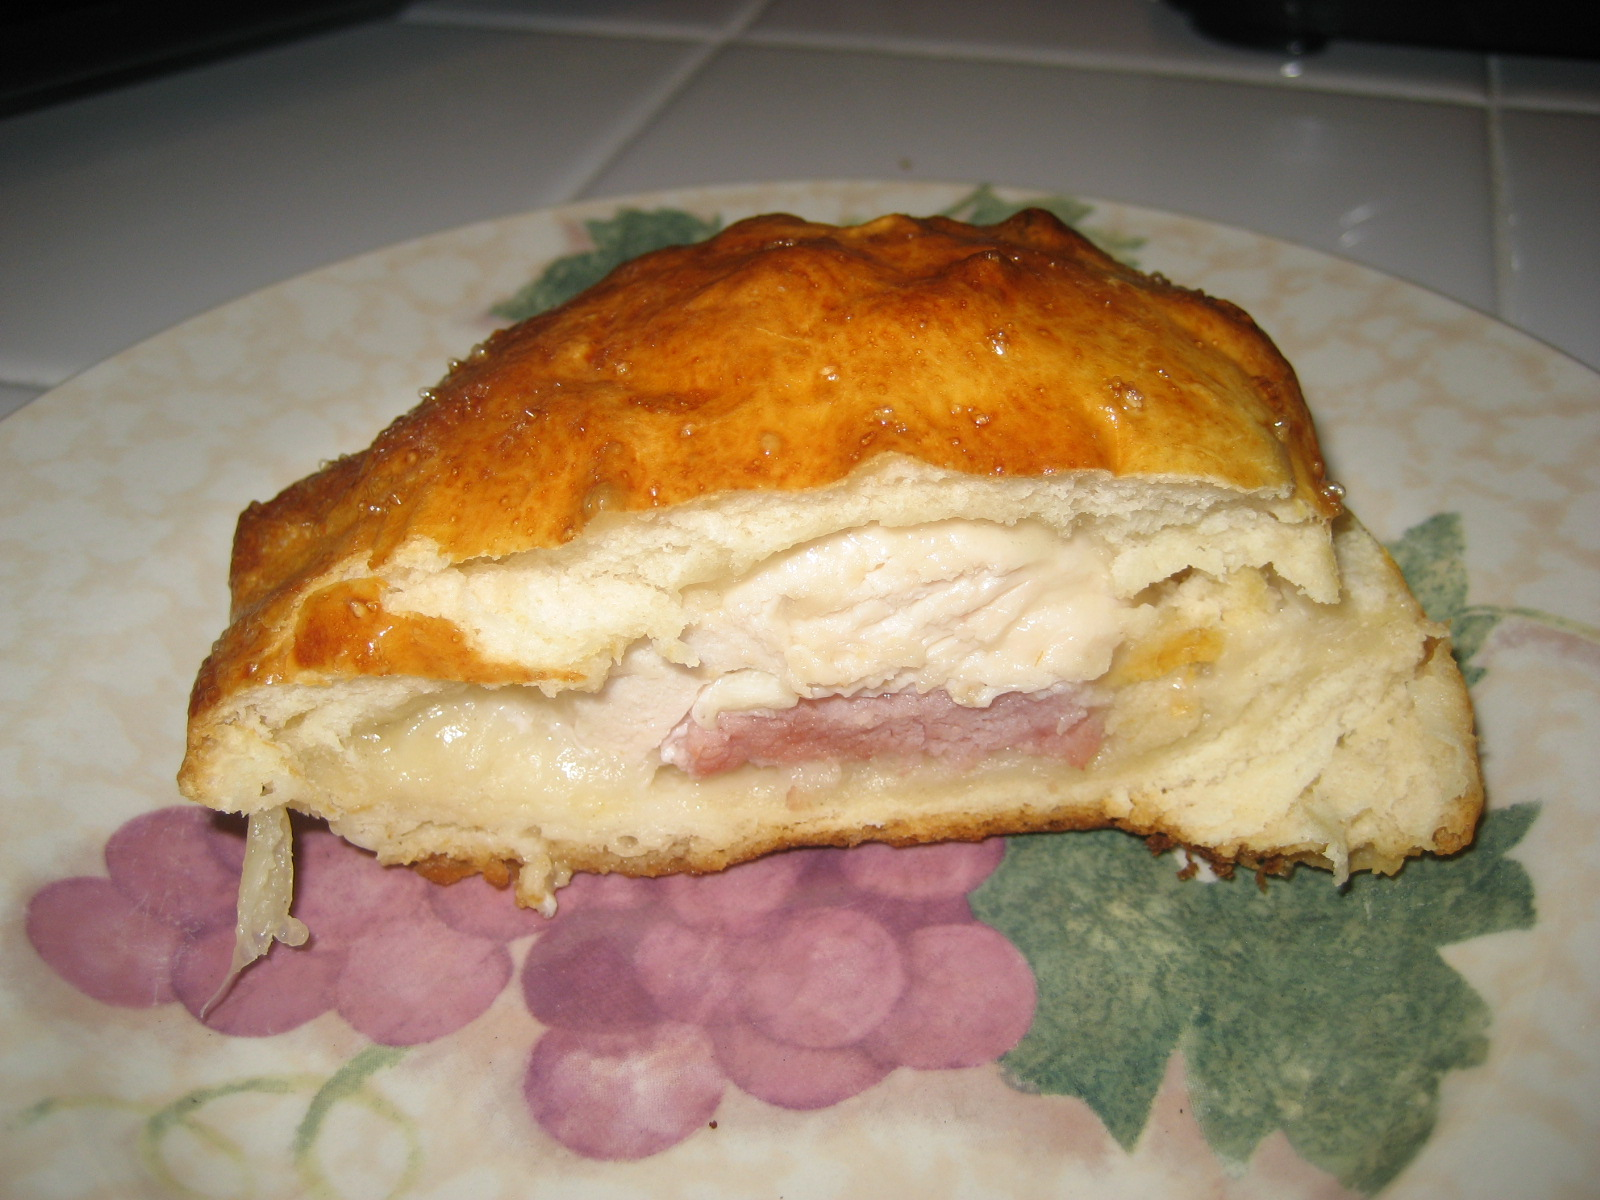 http://heckfridays.blogspot.com/2012/11/cordon-bleu-pockets.html